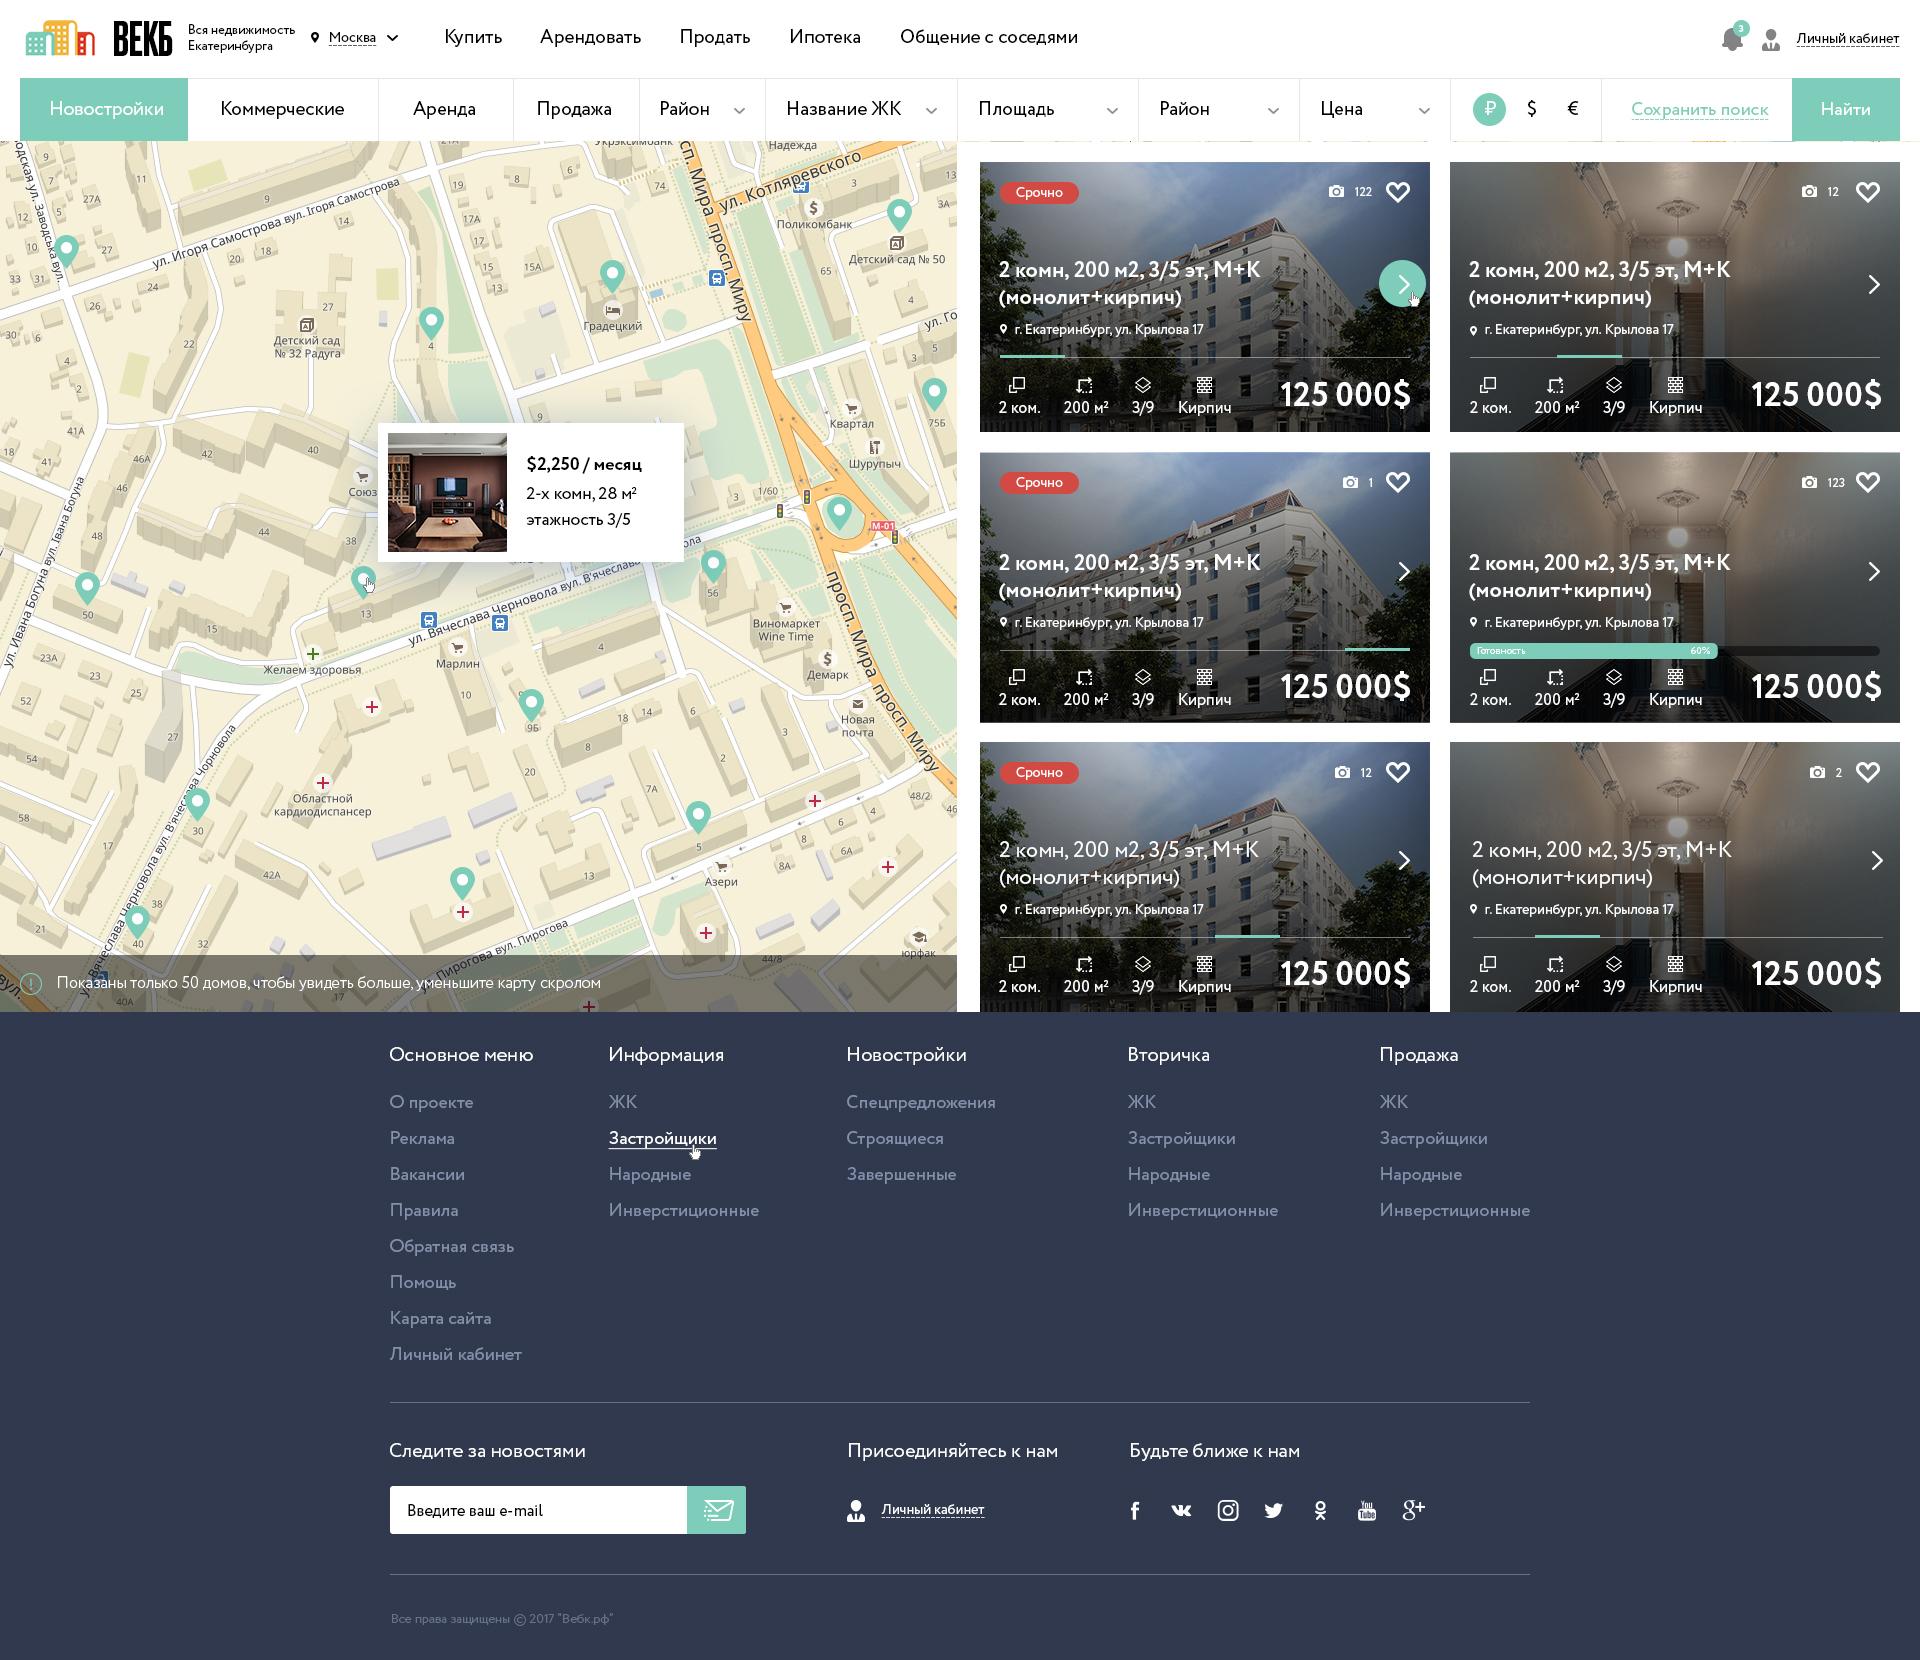 Адаптивная верстка сайта недвижимости Екатеринбурга